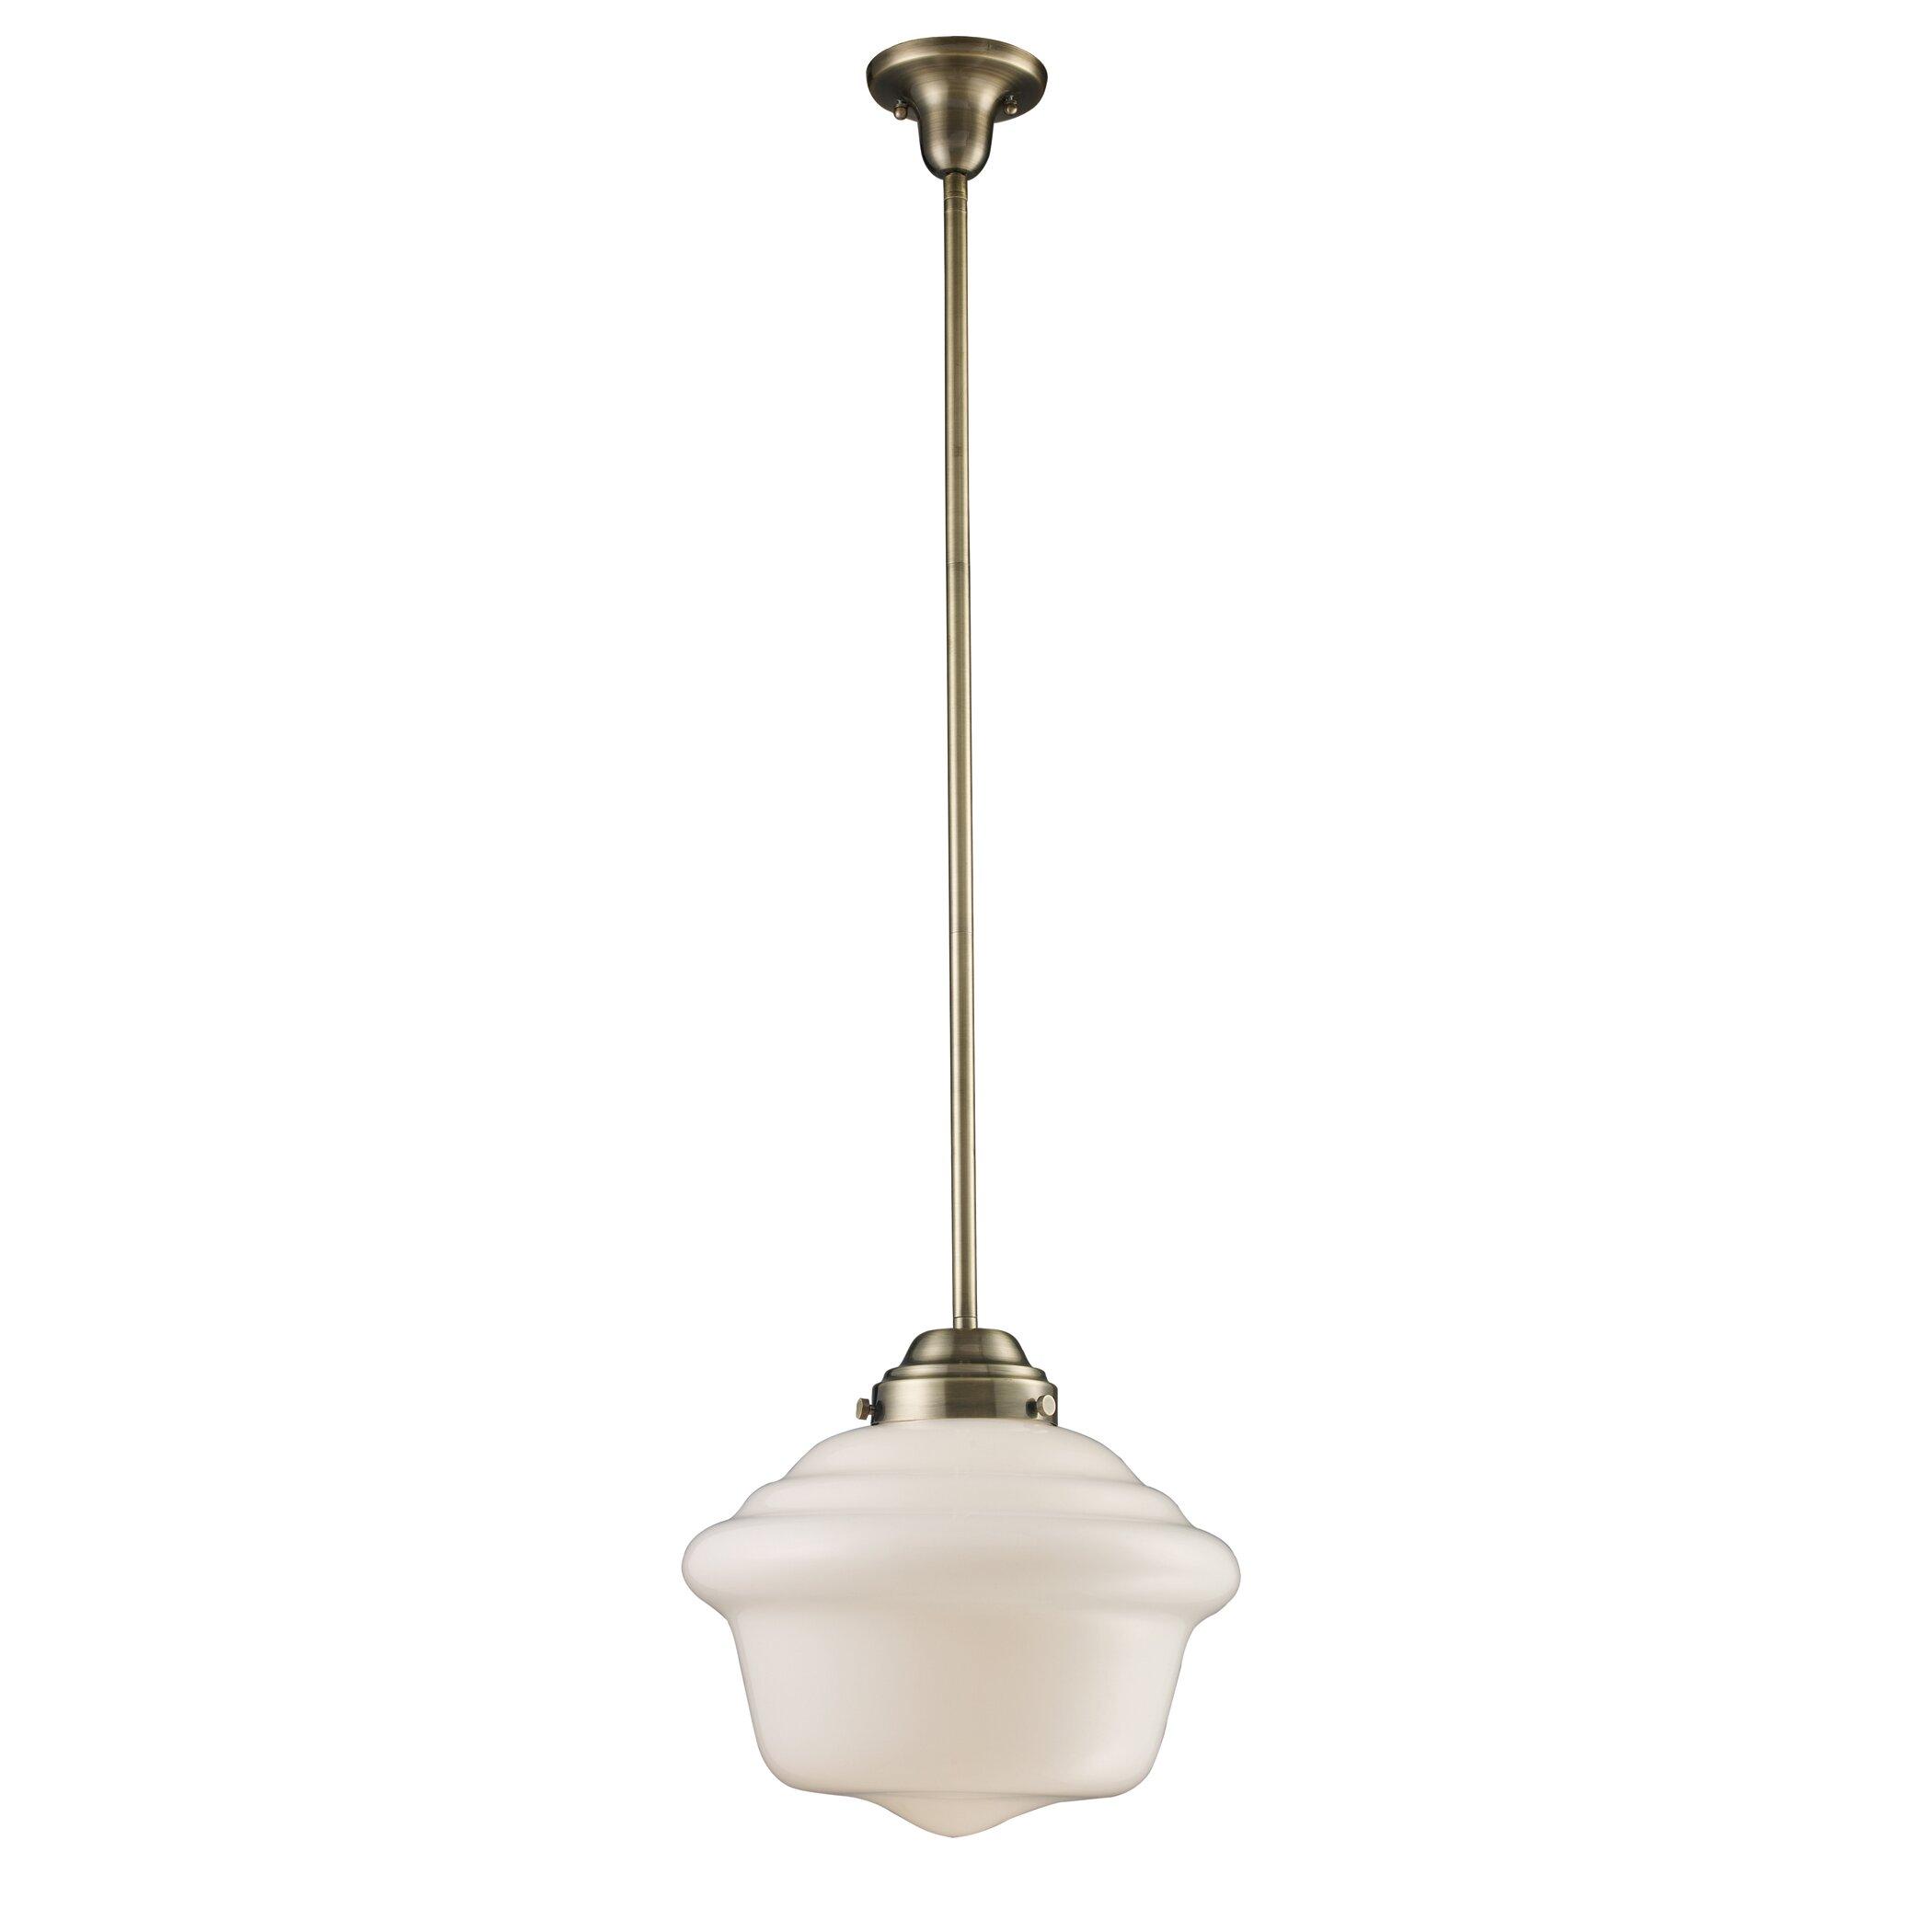 landmark lighting 1 light schoolhouse pendant reviews